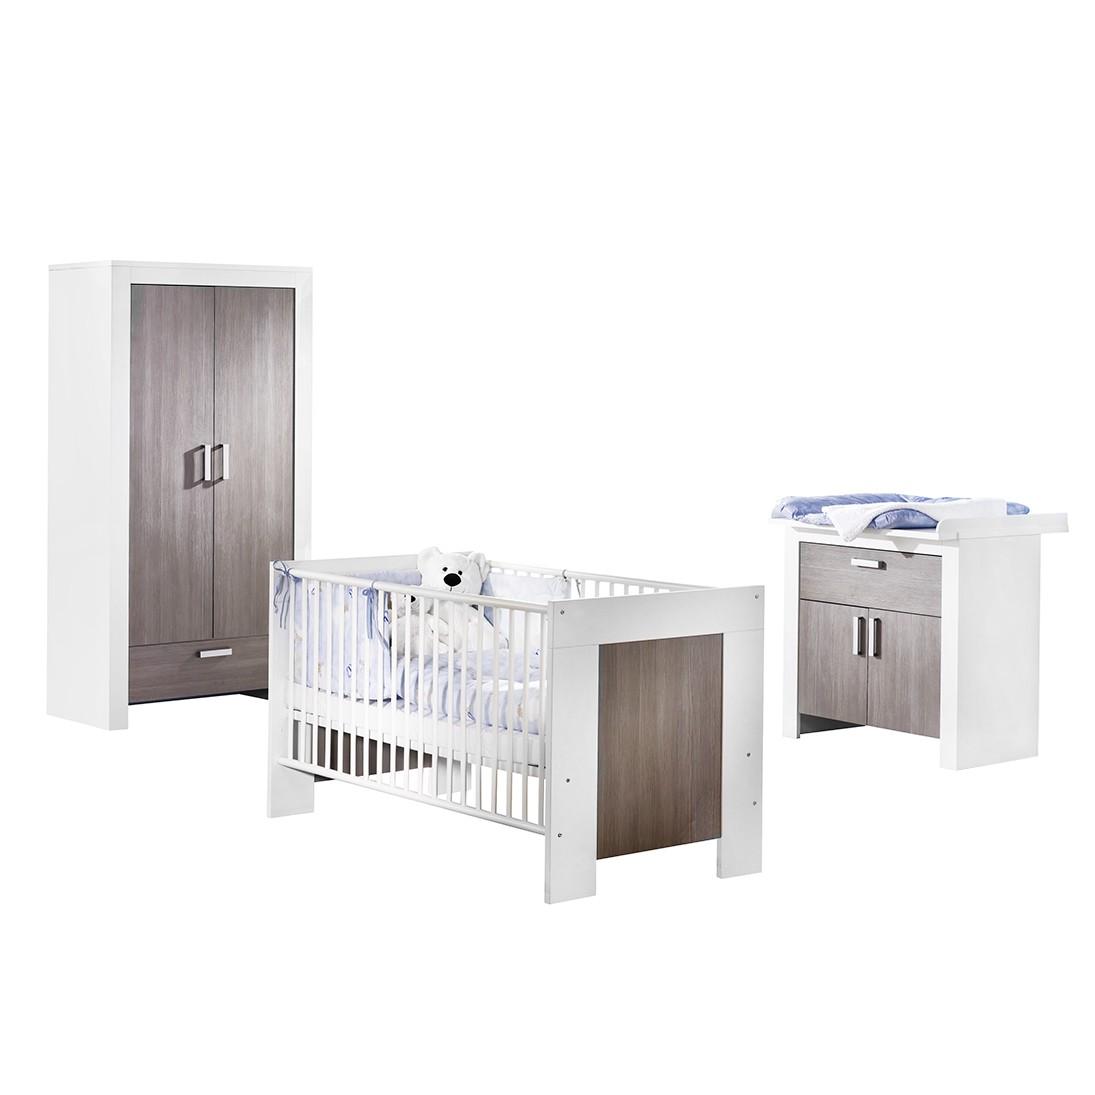 Combinaison chambre de bébé Janne - Blanc / Décor Rustica pin, California